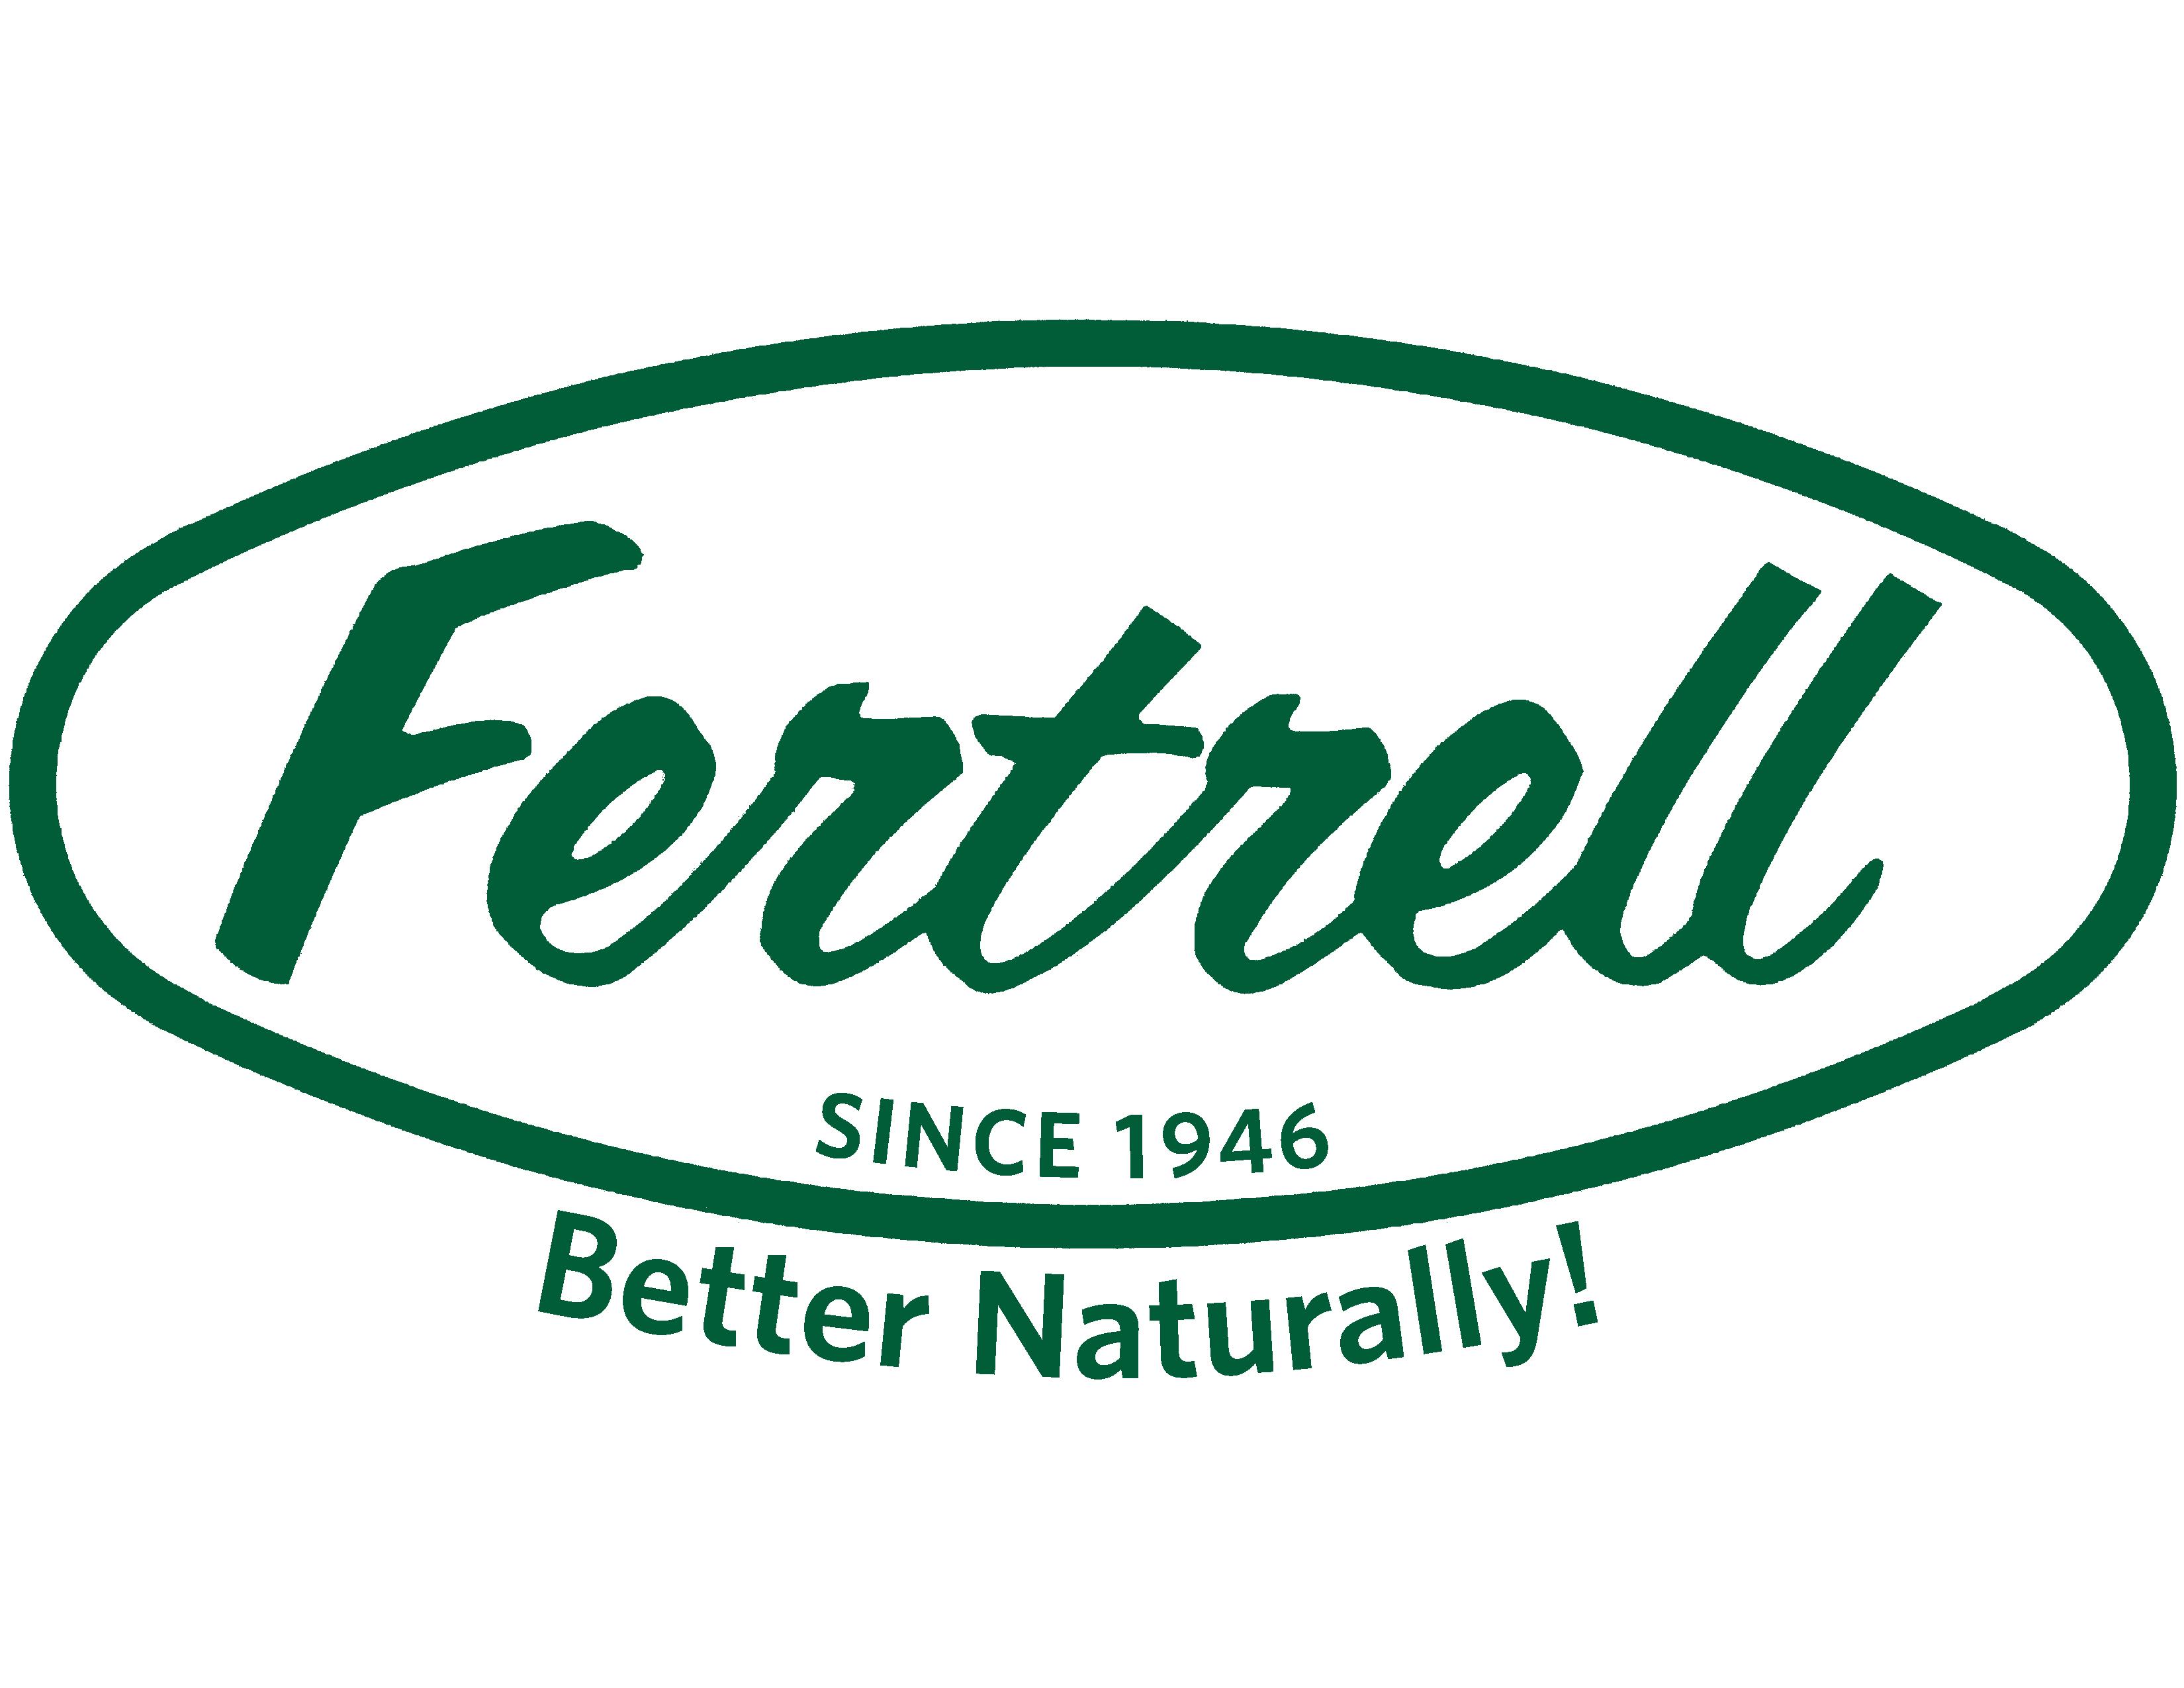 Fertrell- Since 1946. Better Naturally!